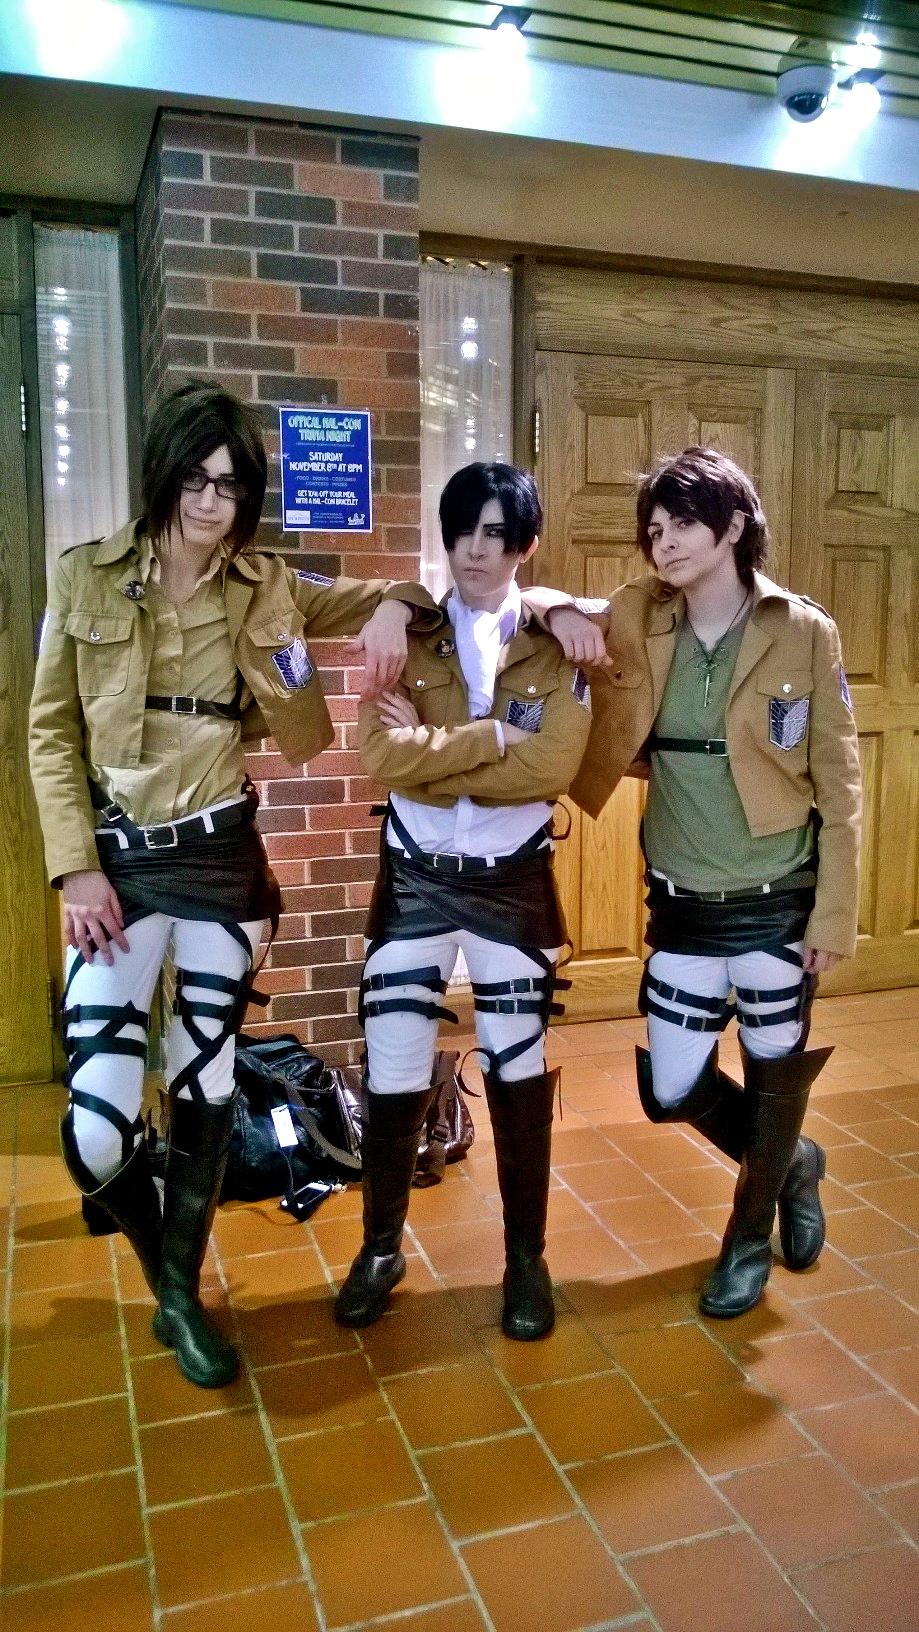 Hanji, Levi & Eren from Attack On Titan